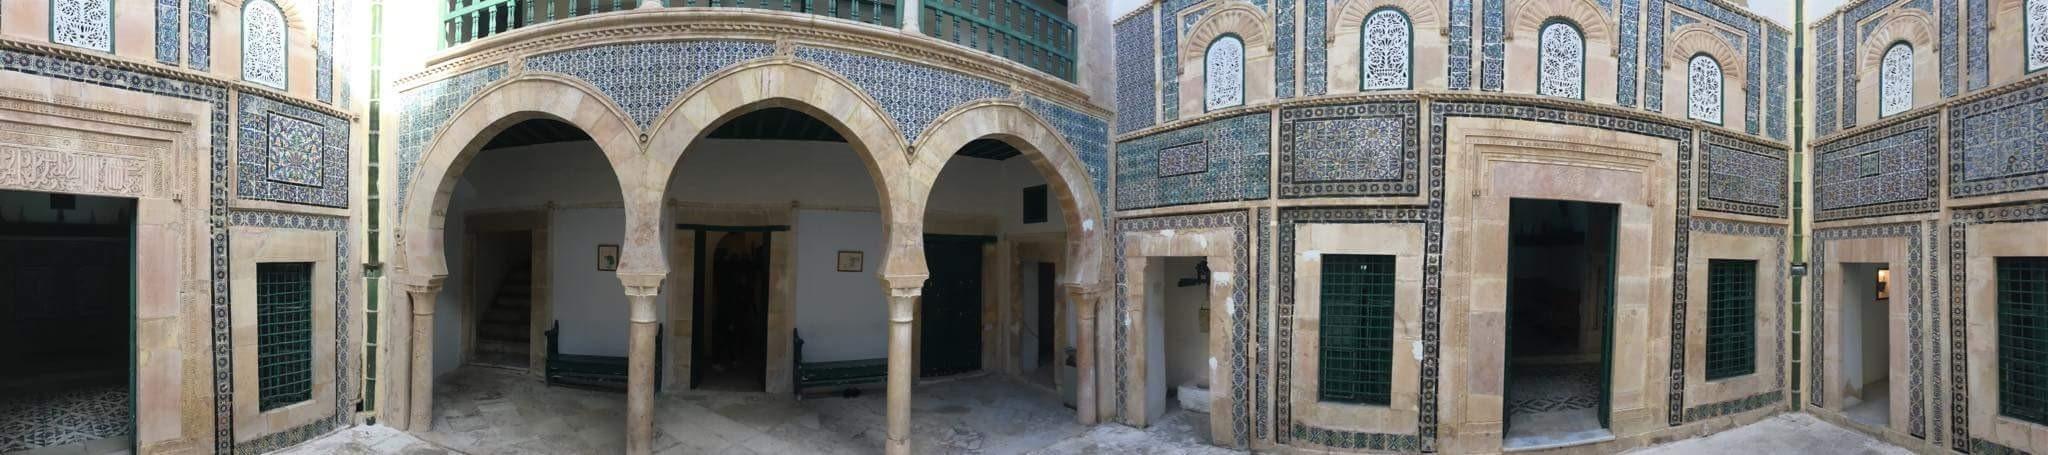 Landmark Tunisia